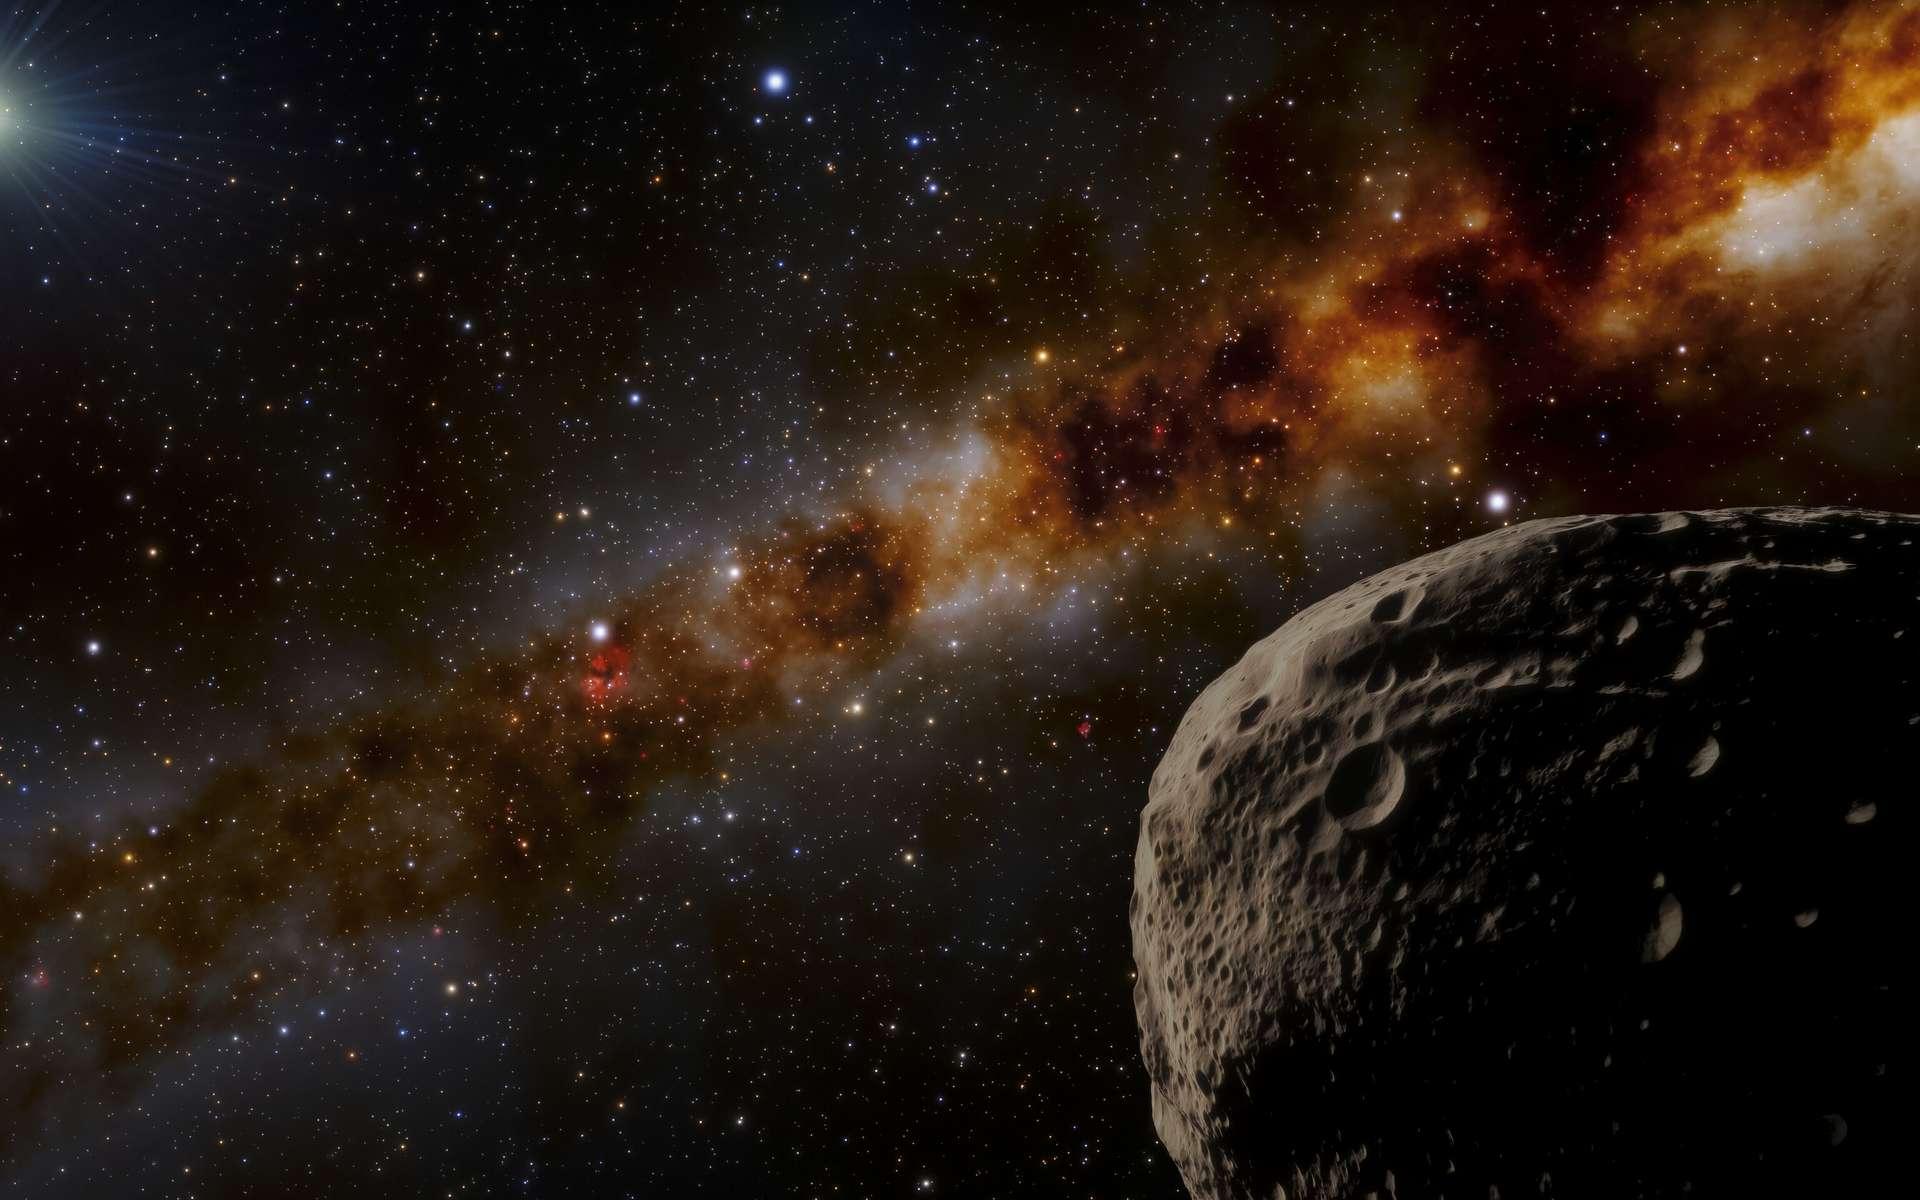 Les astronomes lèvent le voile sur Farfarout, l'objet le plus lointain du Système solaire jamais observé - Futura